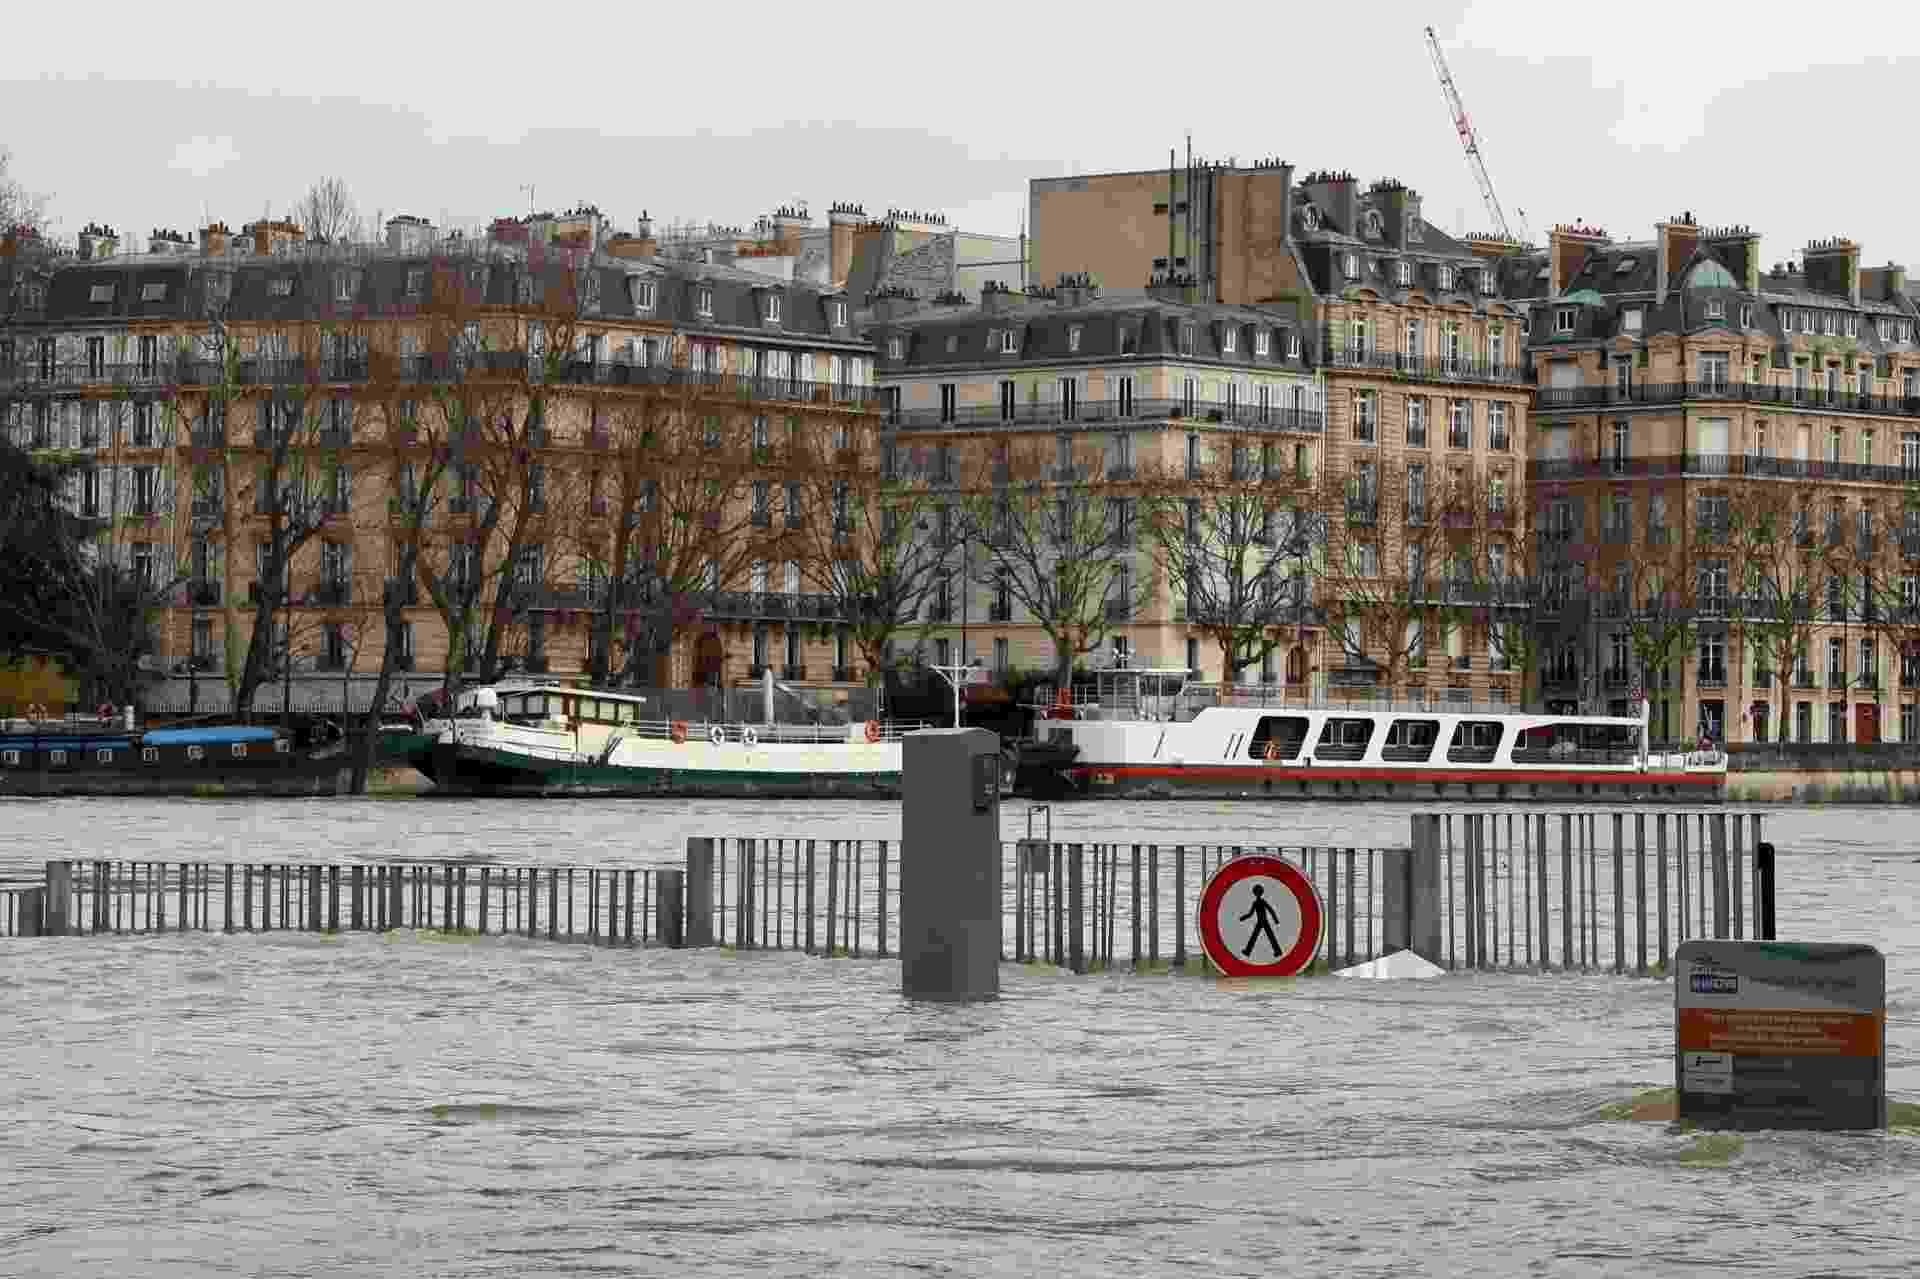 28.jan.2018 - Com o aumento do nível do rio Sena, várias ruas de Paris ficaram alagadas, após dias de chuvas intensas na capital francesa - Gonzalo Fuentes/Reuters